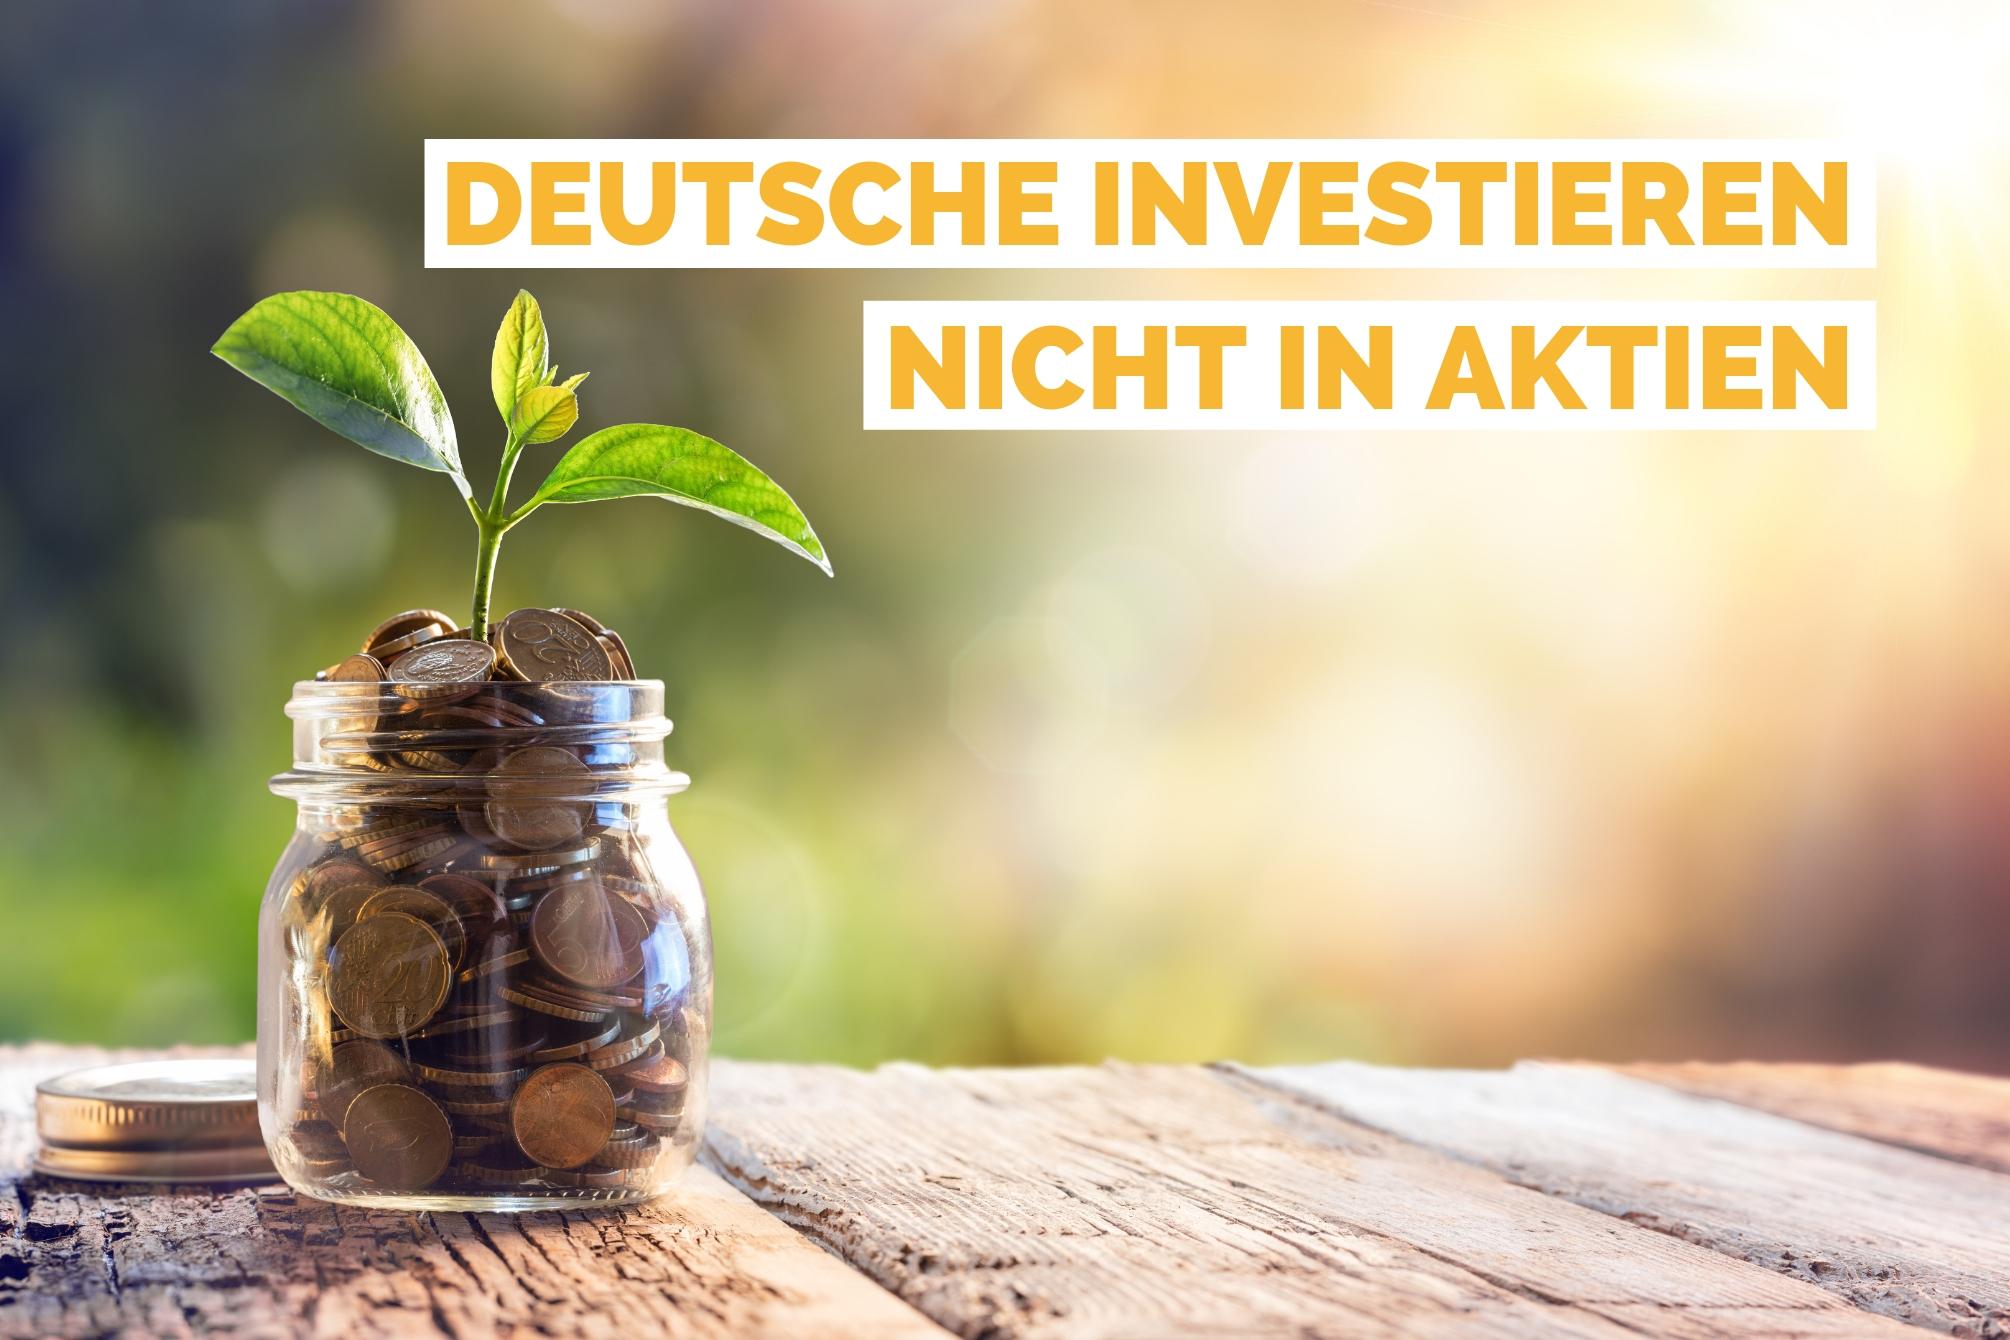 Deutsche investieren nicht in Aktien